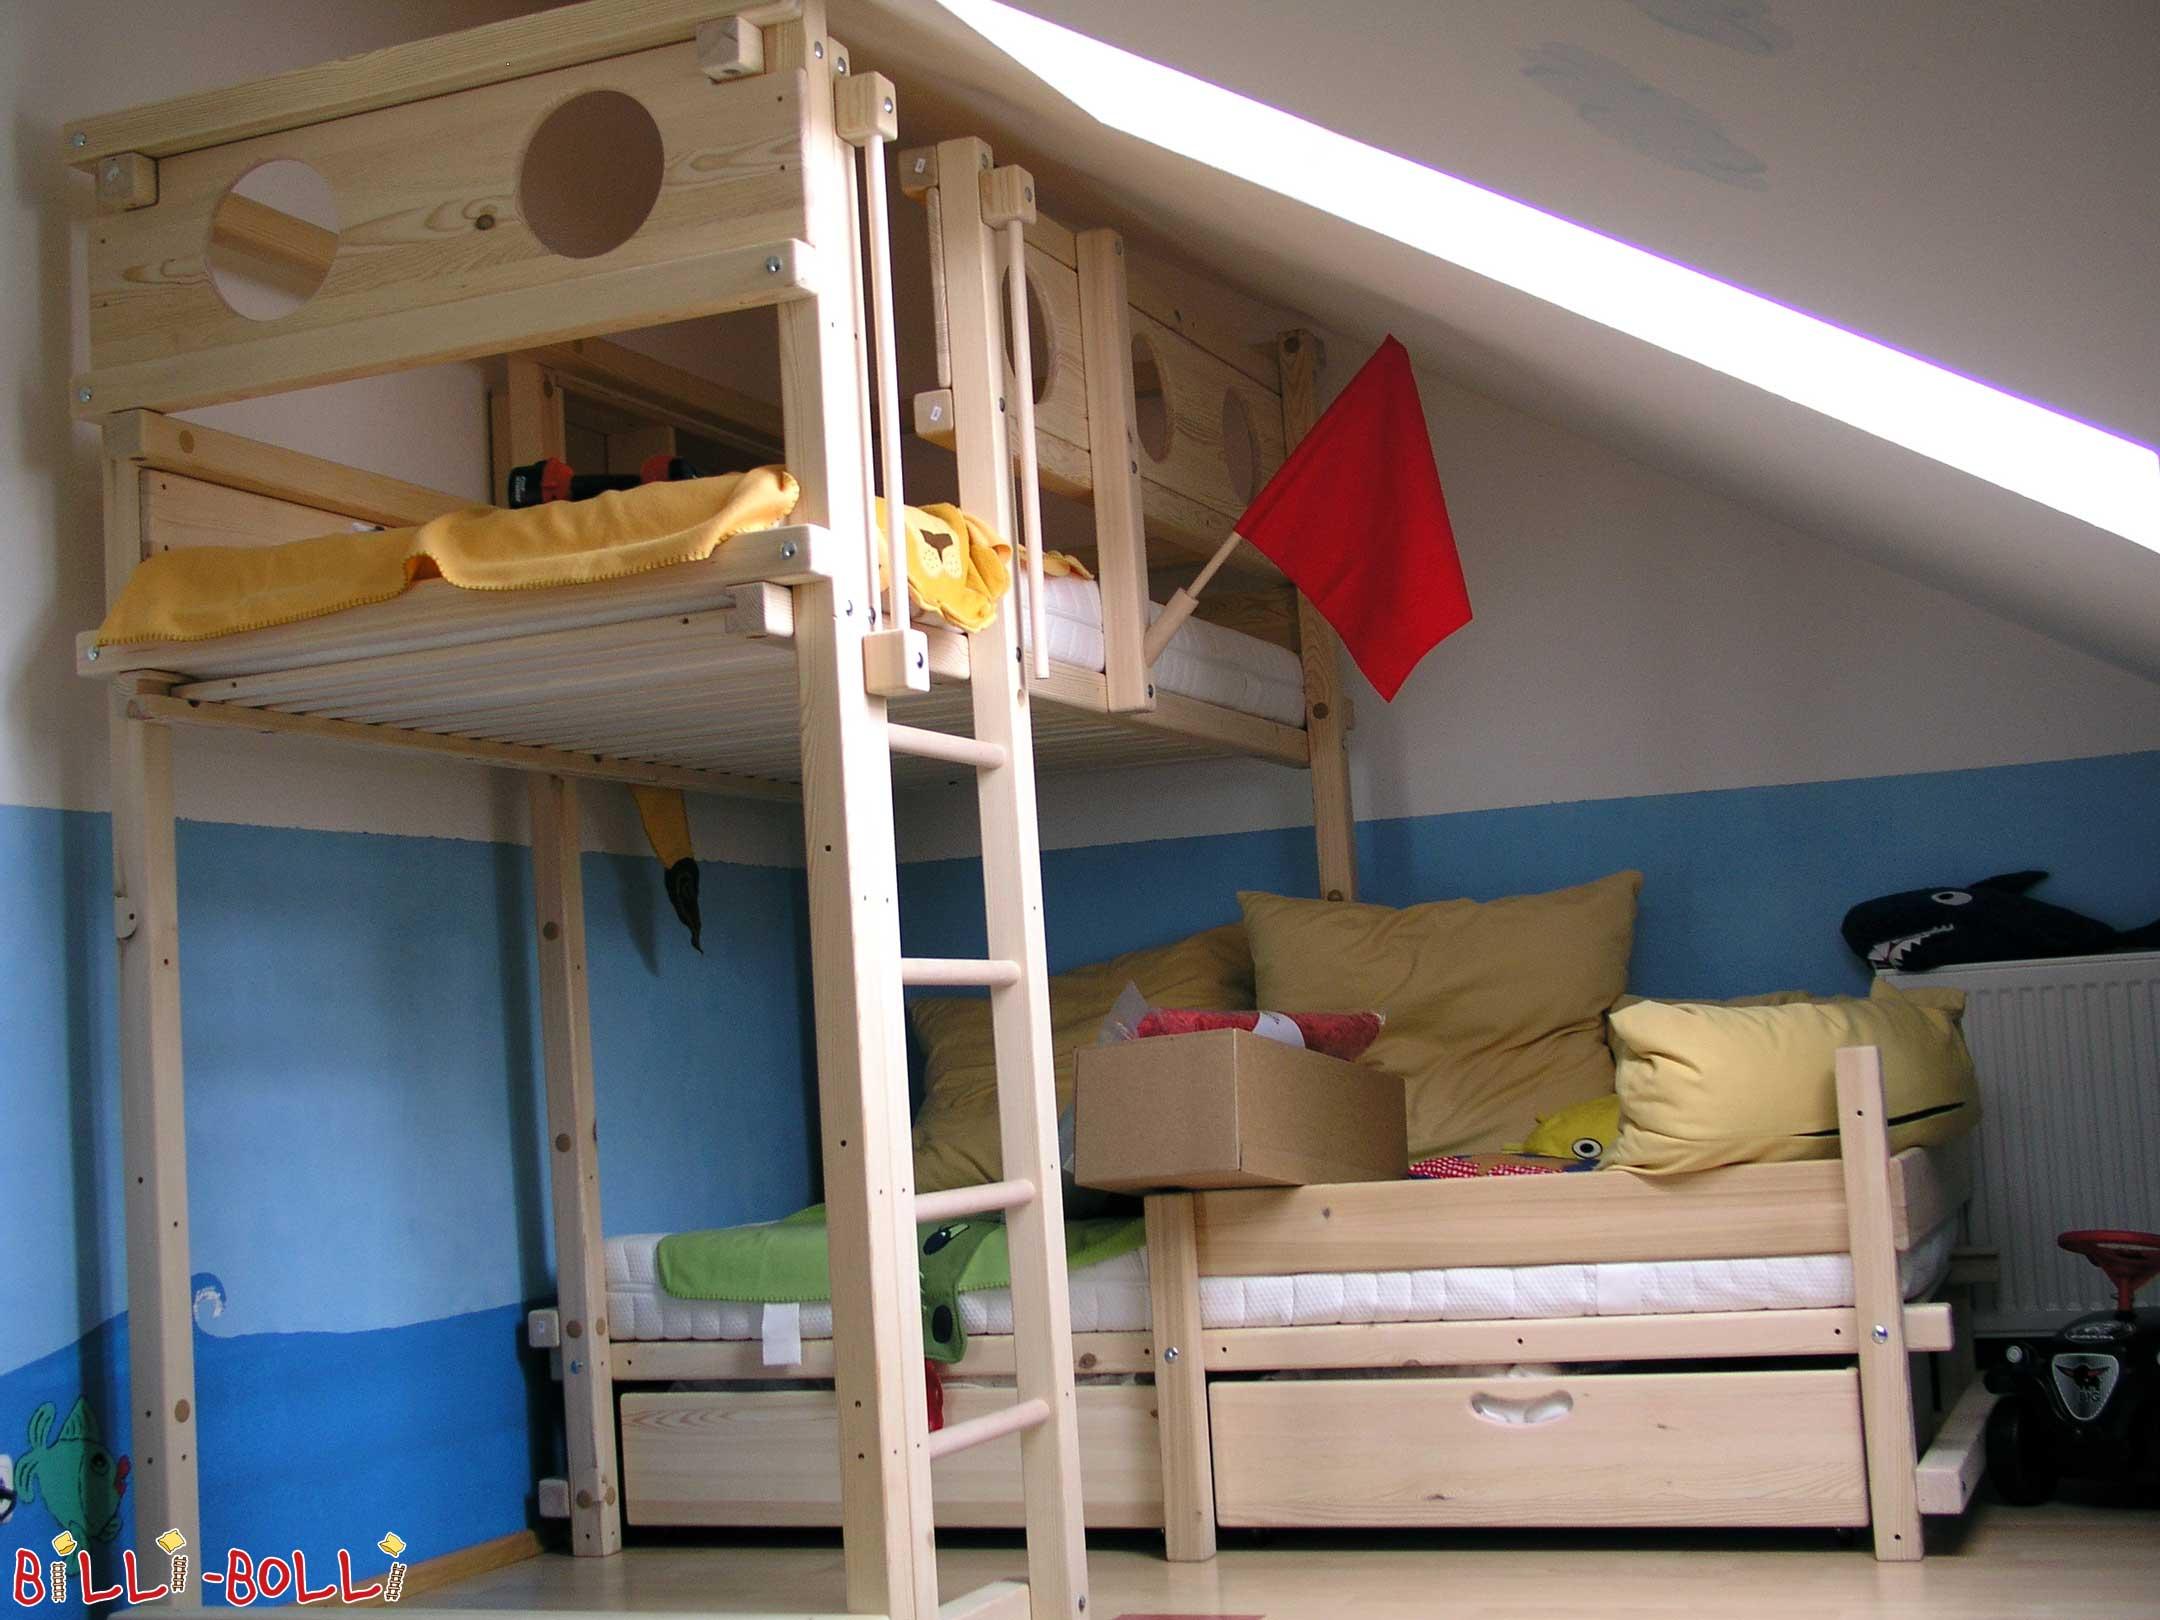 corner bunk bed billi bolli kids furniture. Black Bedroom Furniture Sets. Home Design Ideas